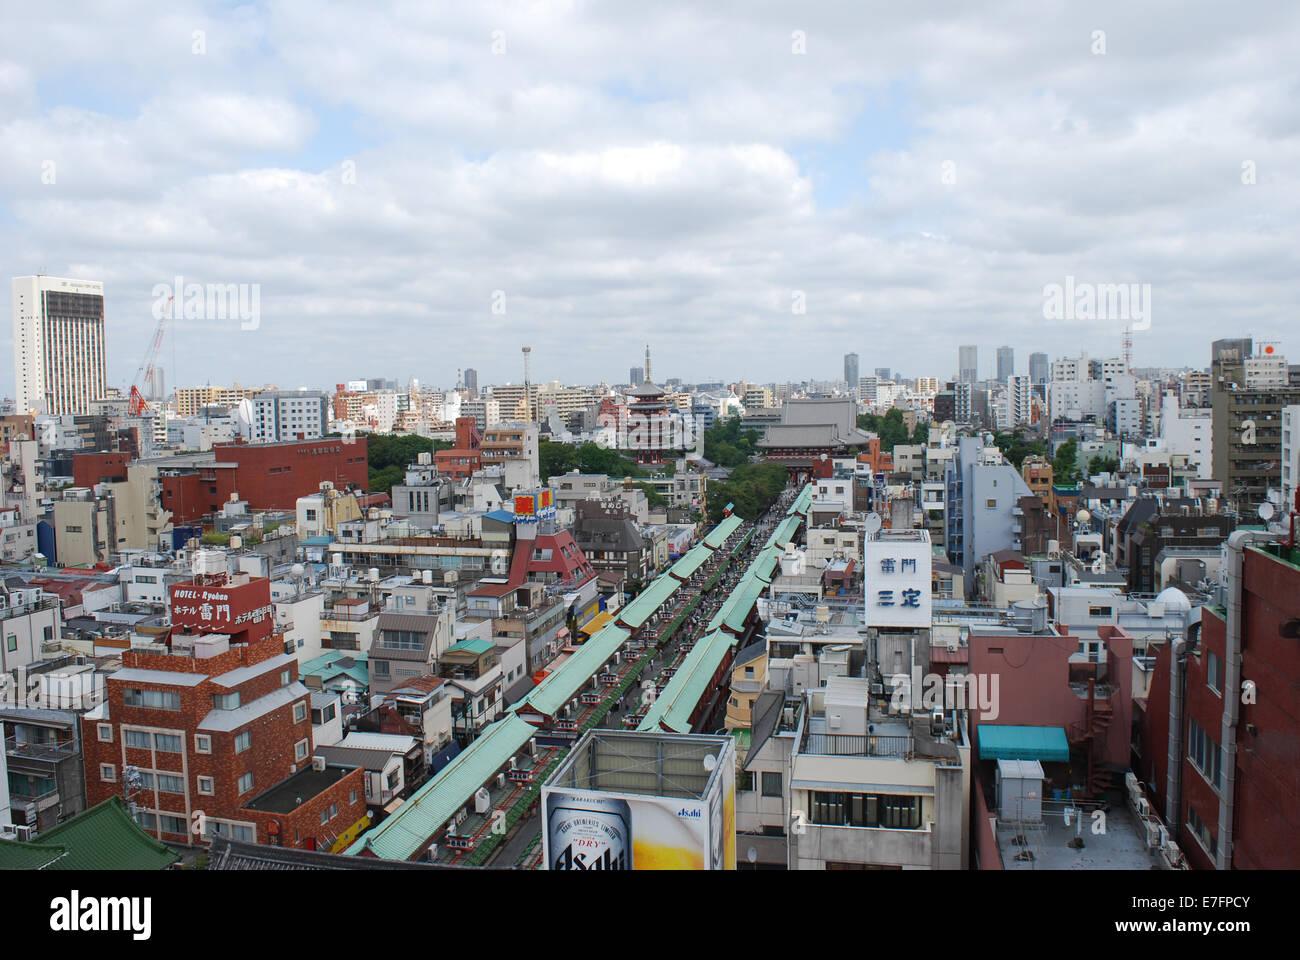 Tokyo, Japan, 2014 - Stock Image